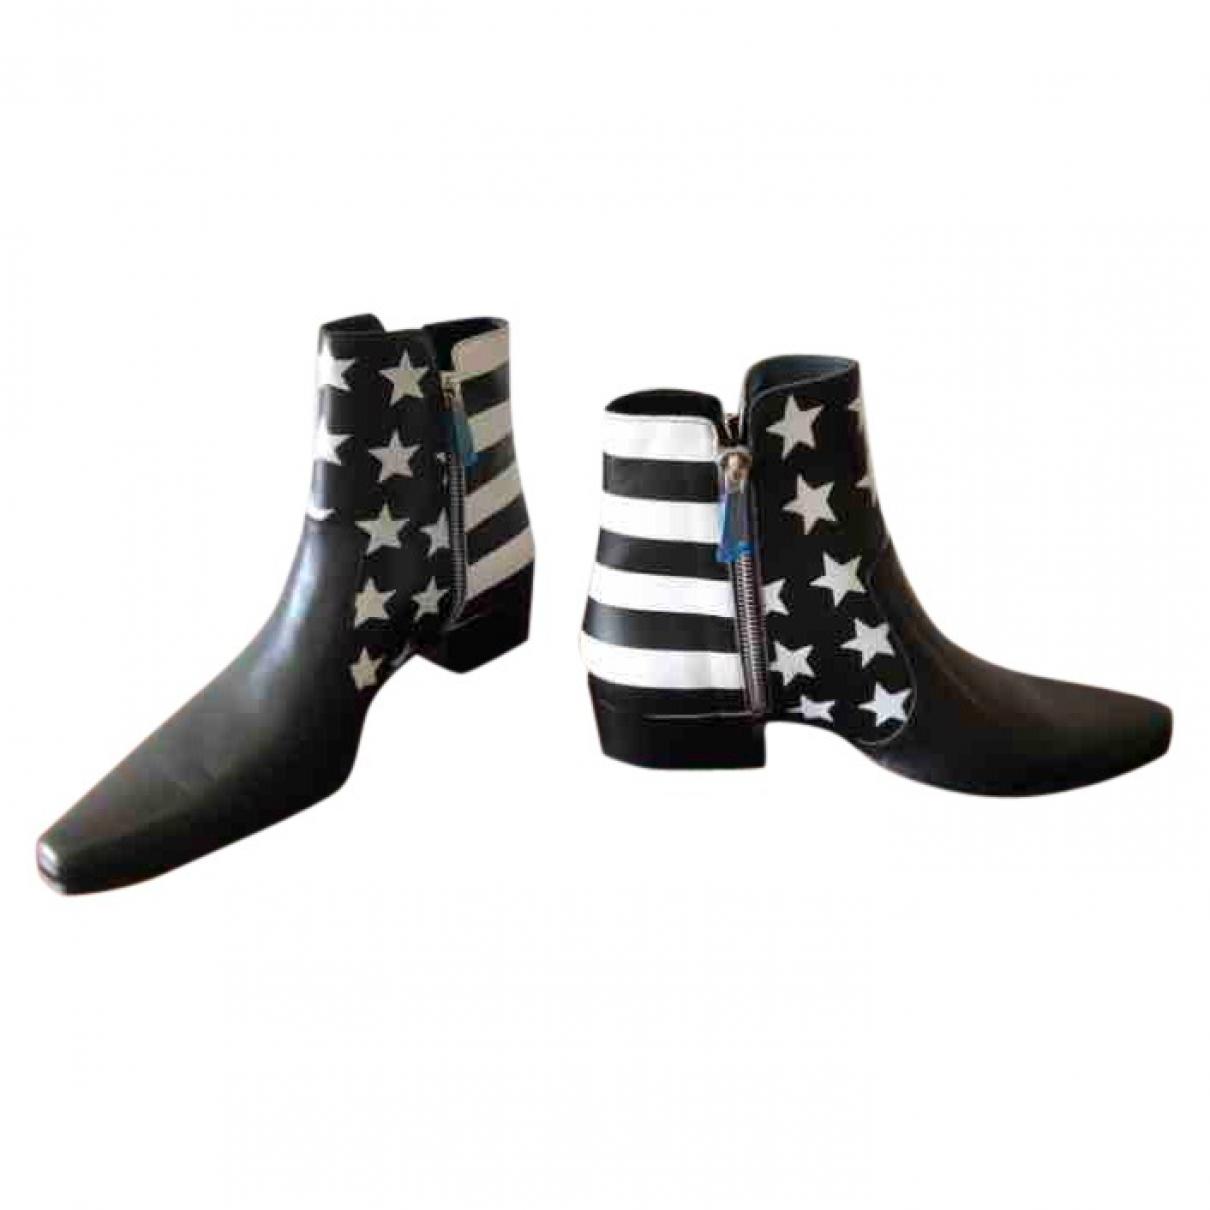 Balmain - Bottes.Boots   pour homme en cuir - noir